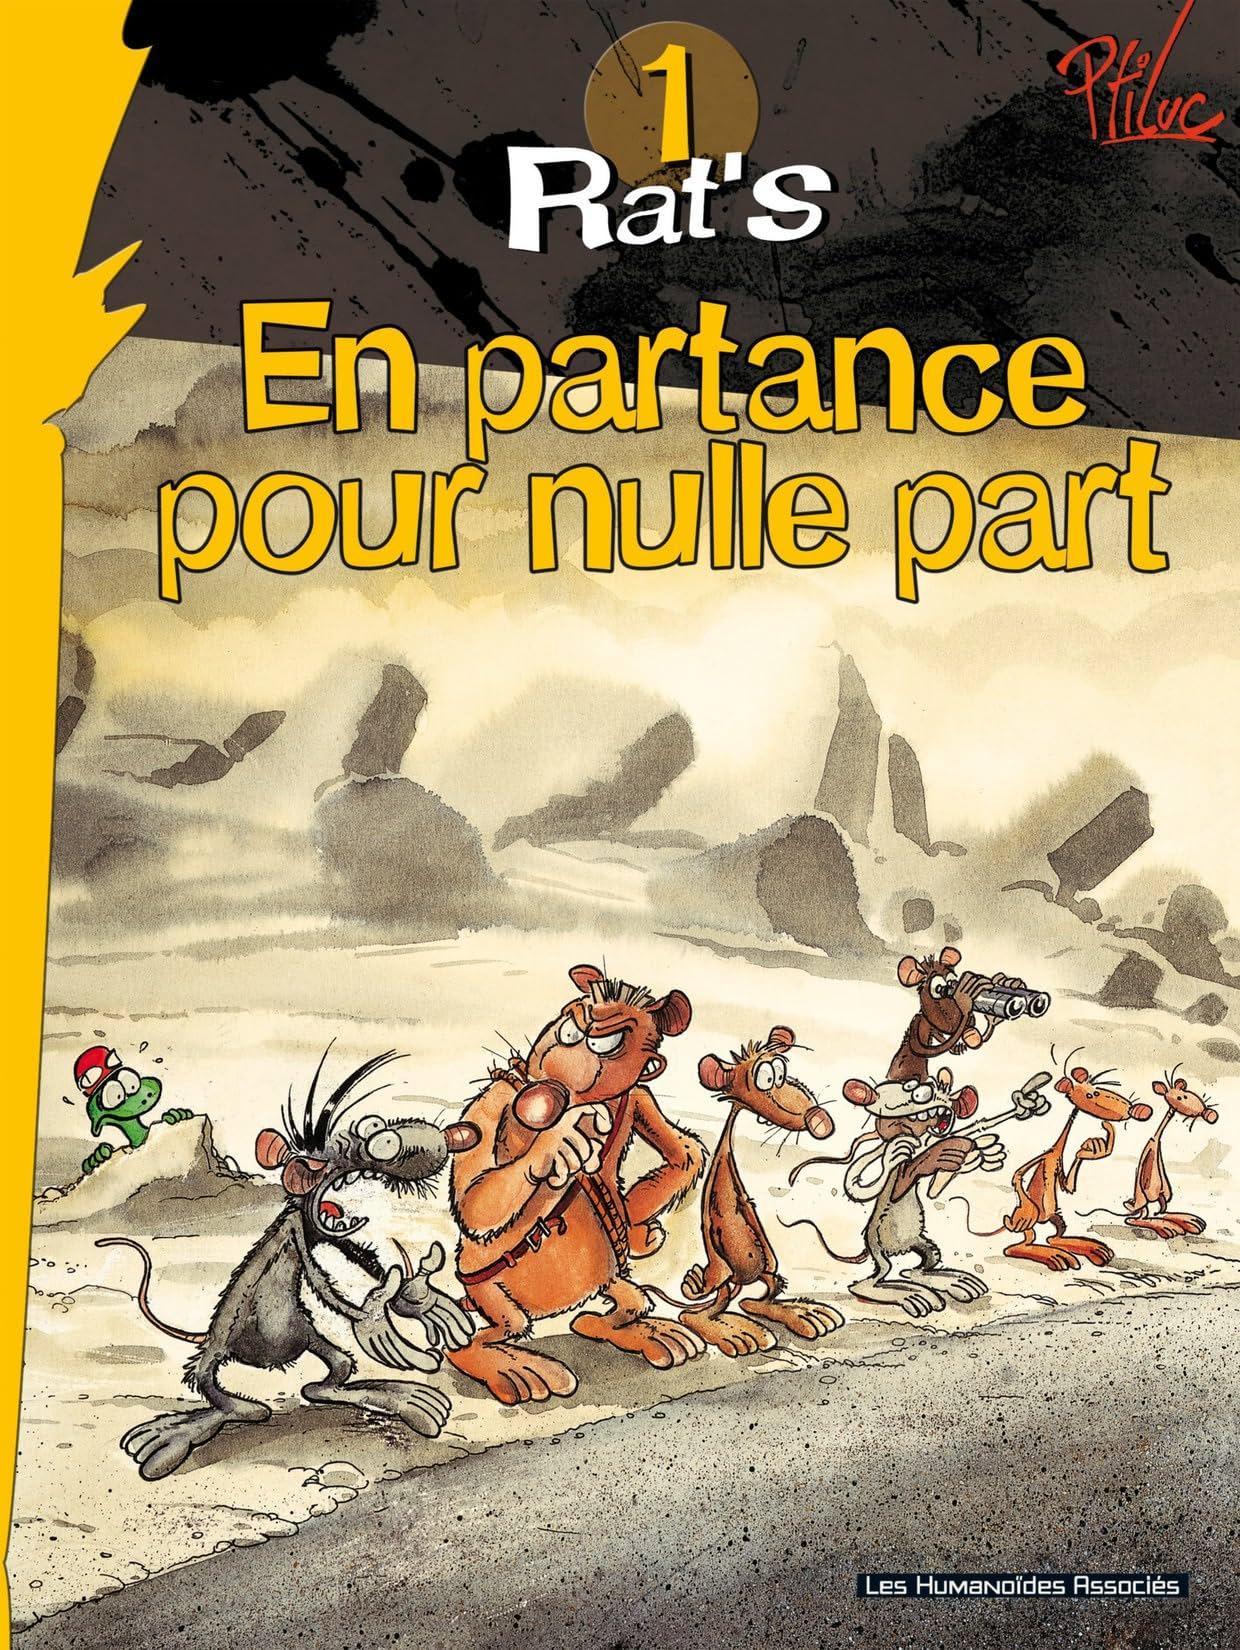 Rat's Vol. 1: En partance pour nulle part